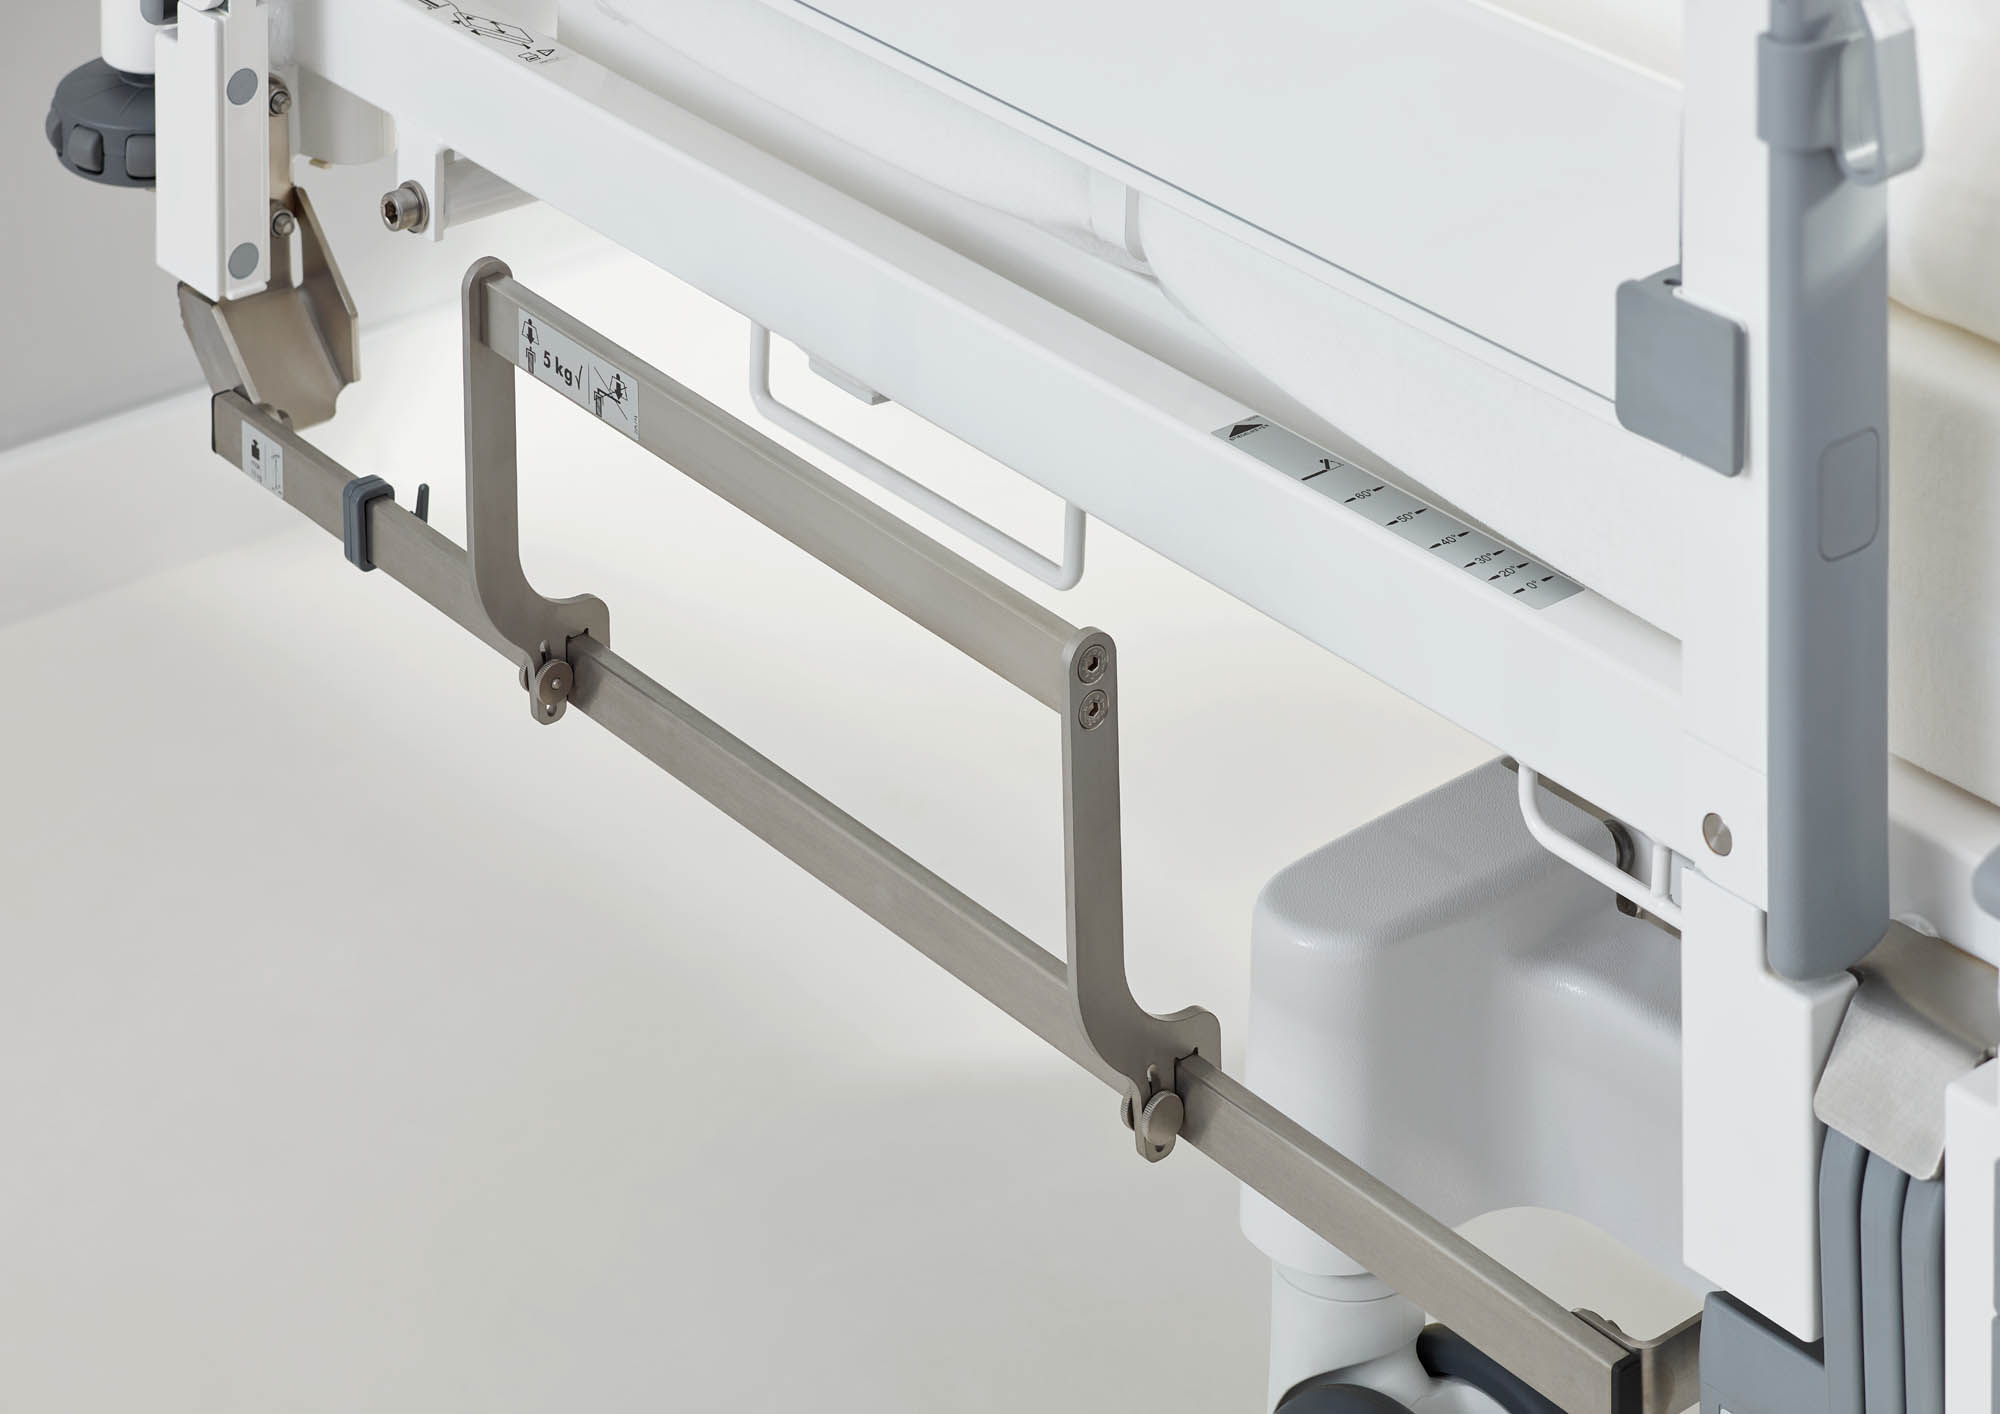 Die Halterung der adaptierbaren Normschiene ist nach oben gebogen, sodass die Schiene immer genügend Abstand zum Fußboden hält.